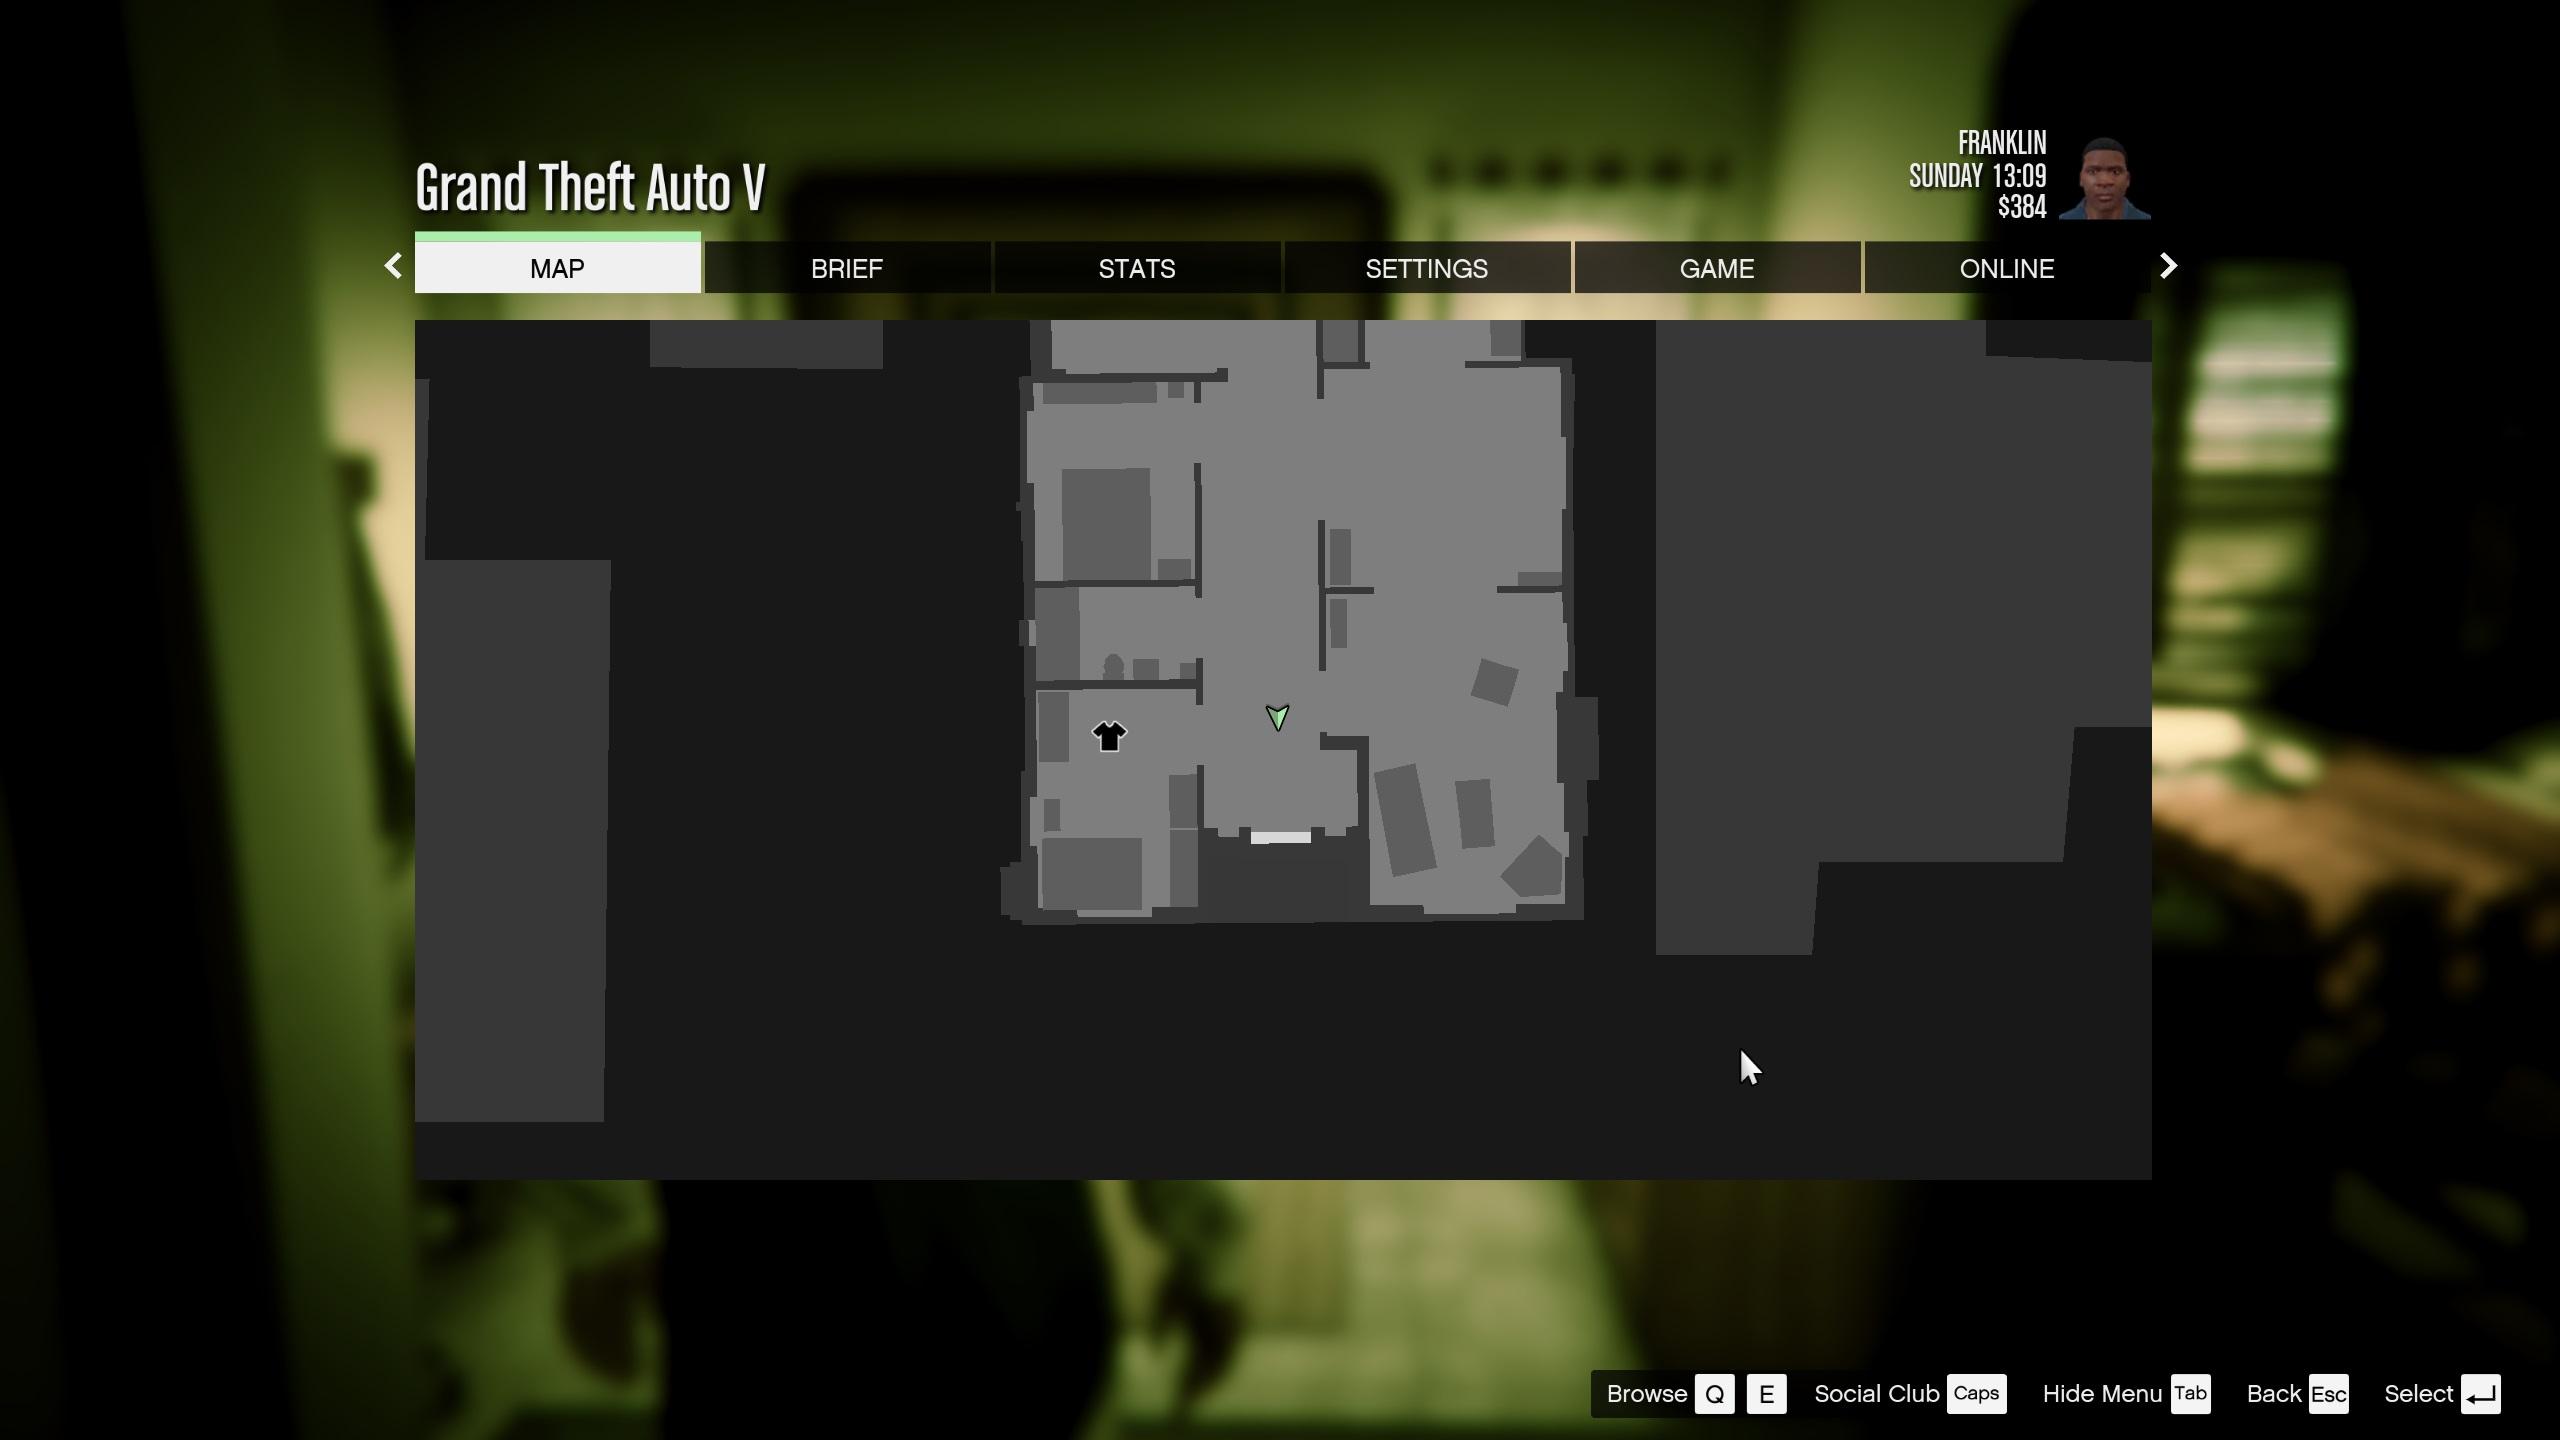 Pertama Kali Main GTA V? Begini Cara Masuk ke GTA Online Gratis